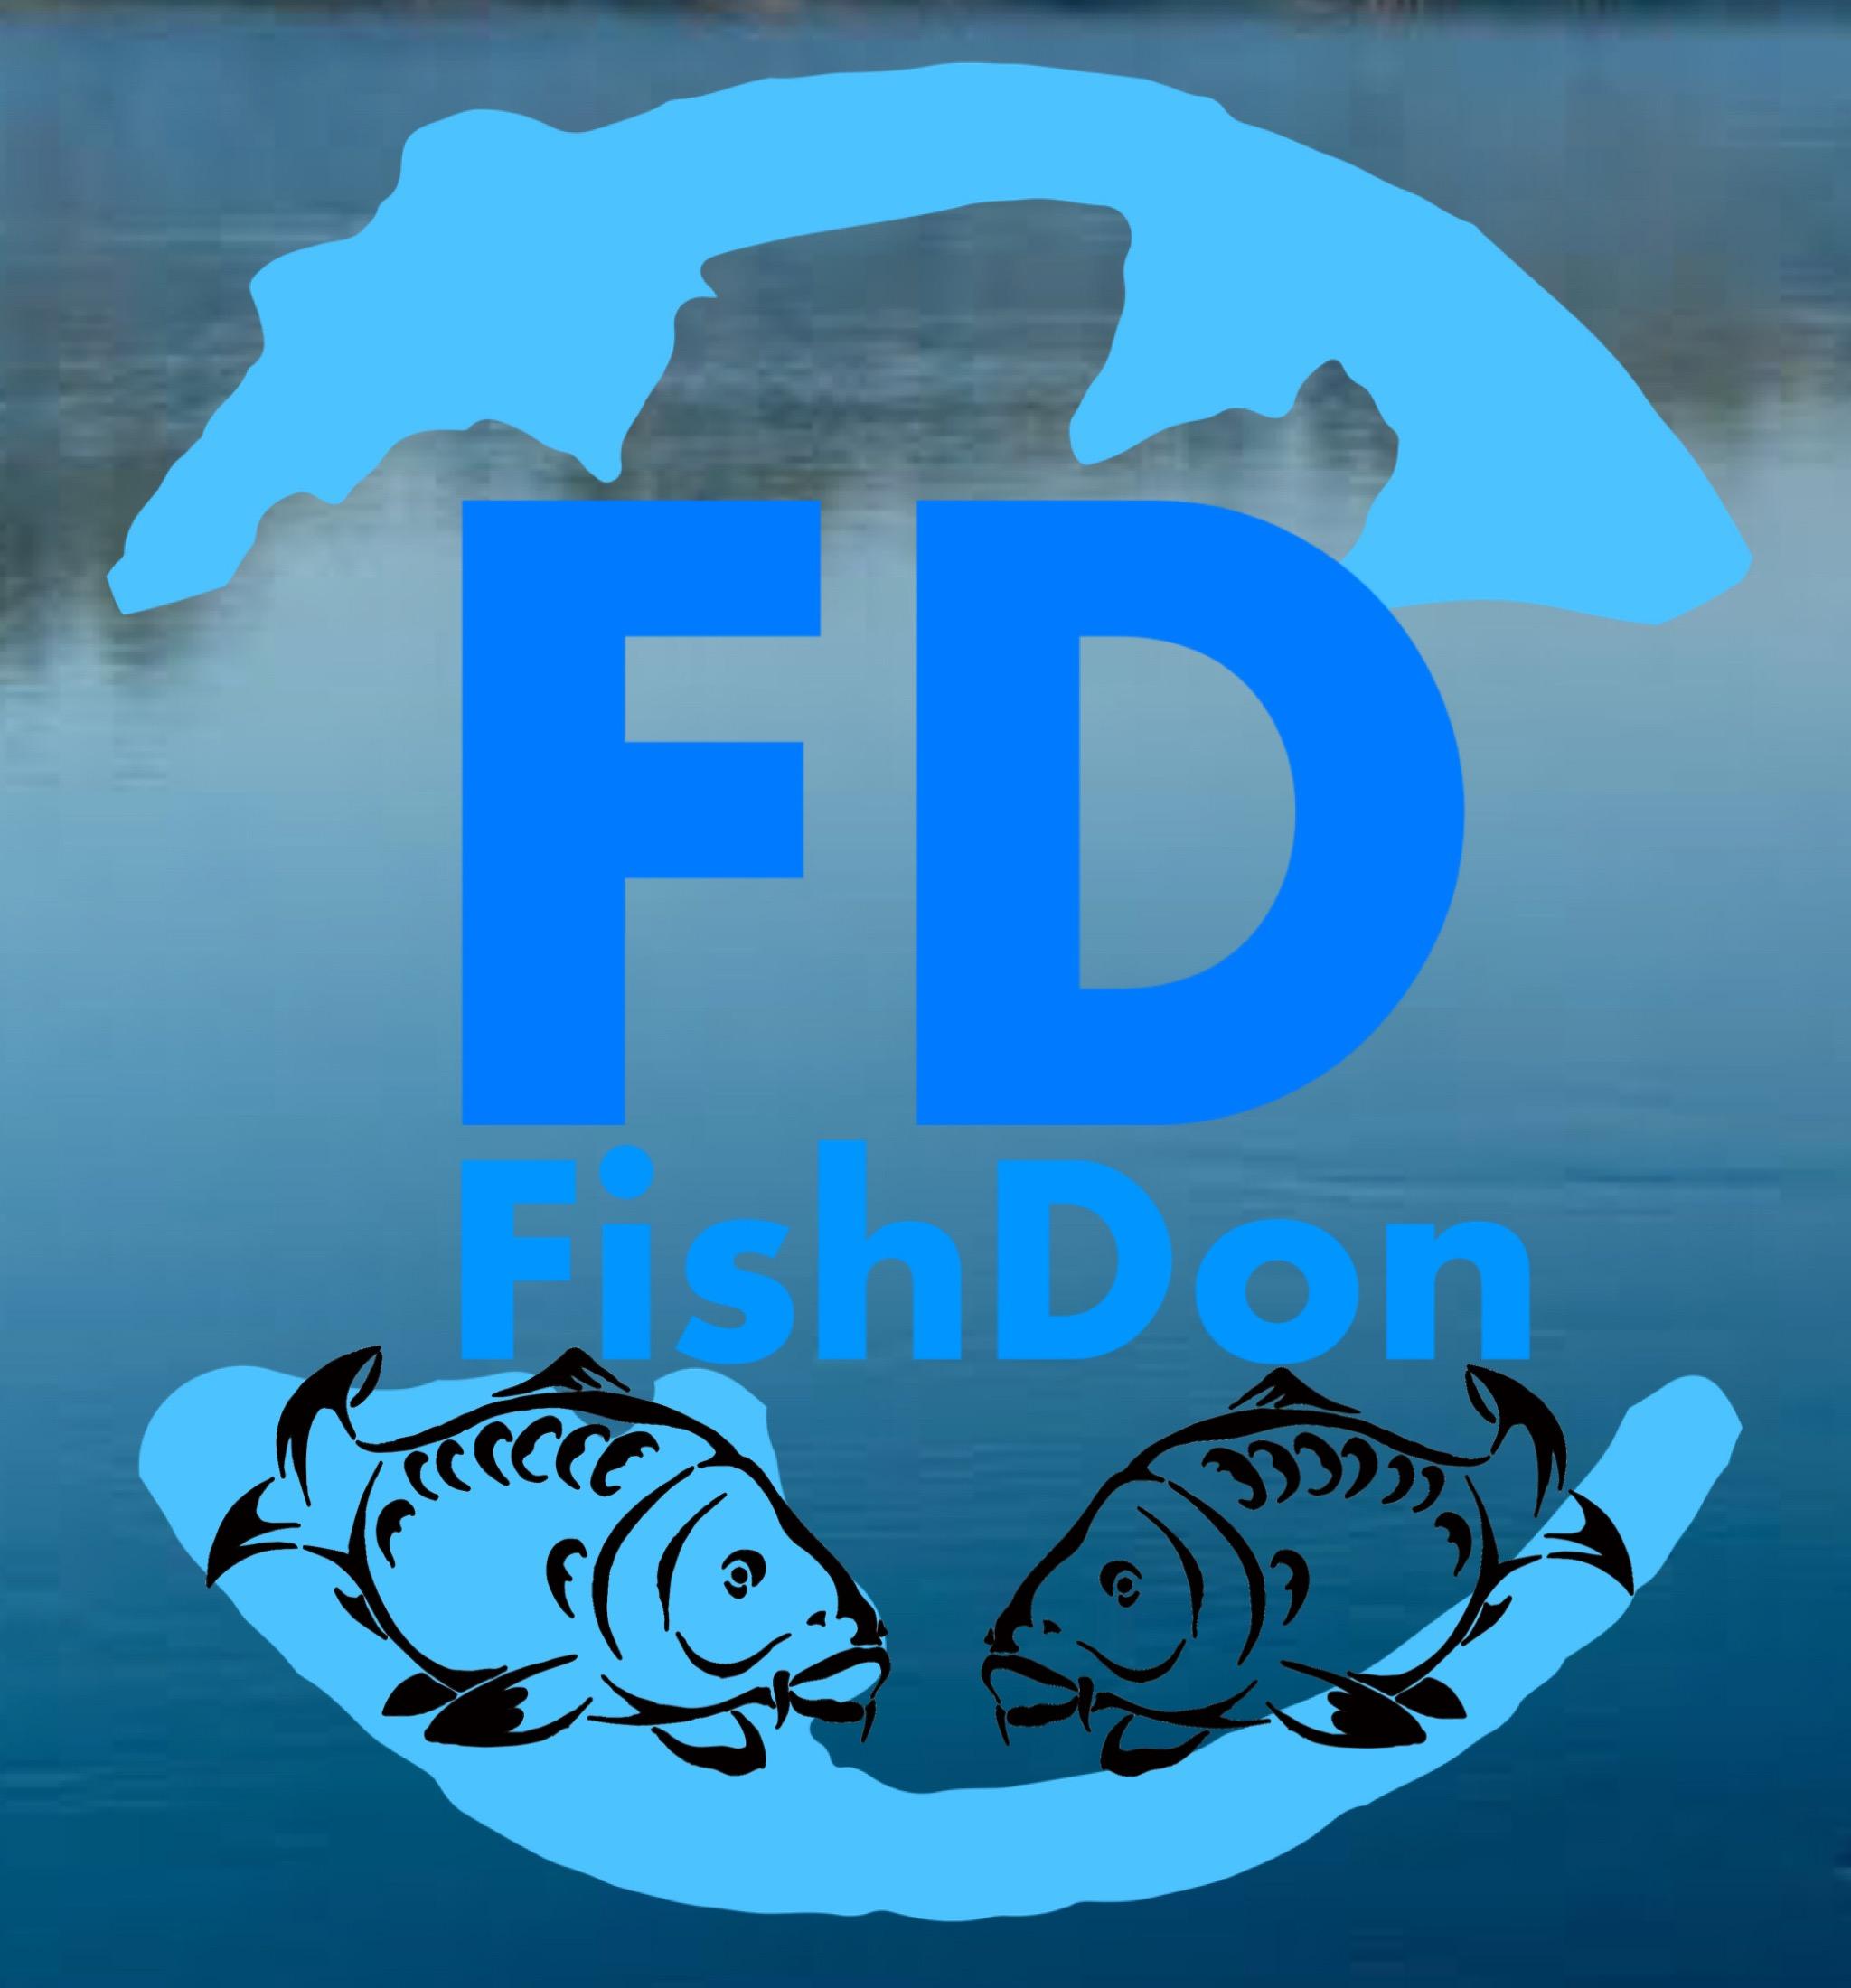 FishDon